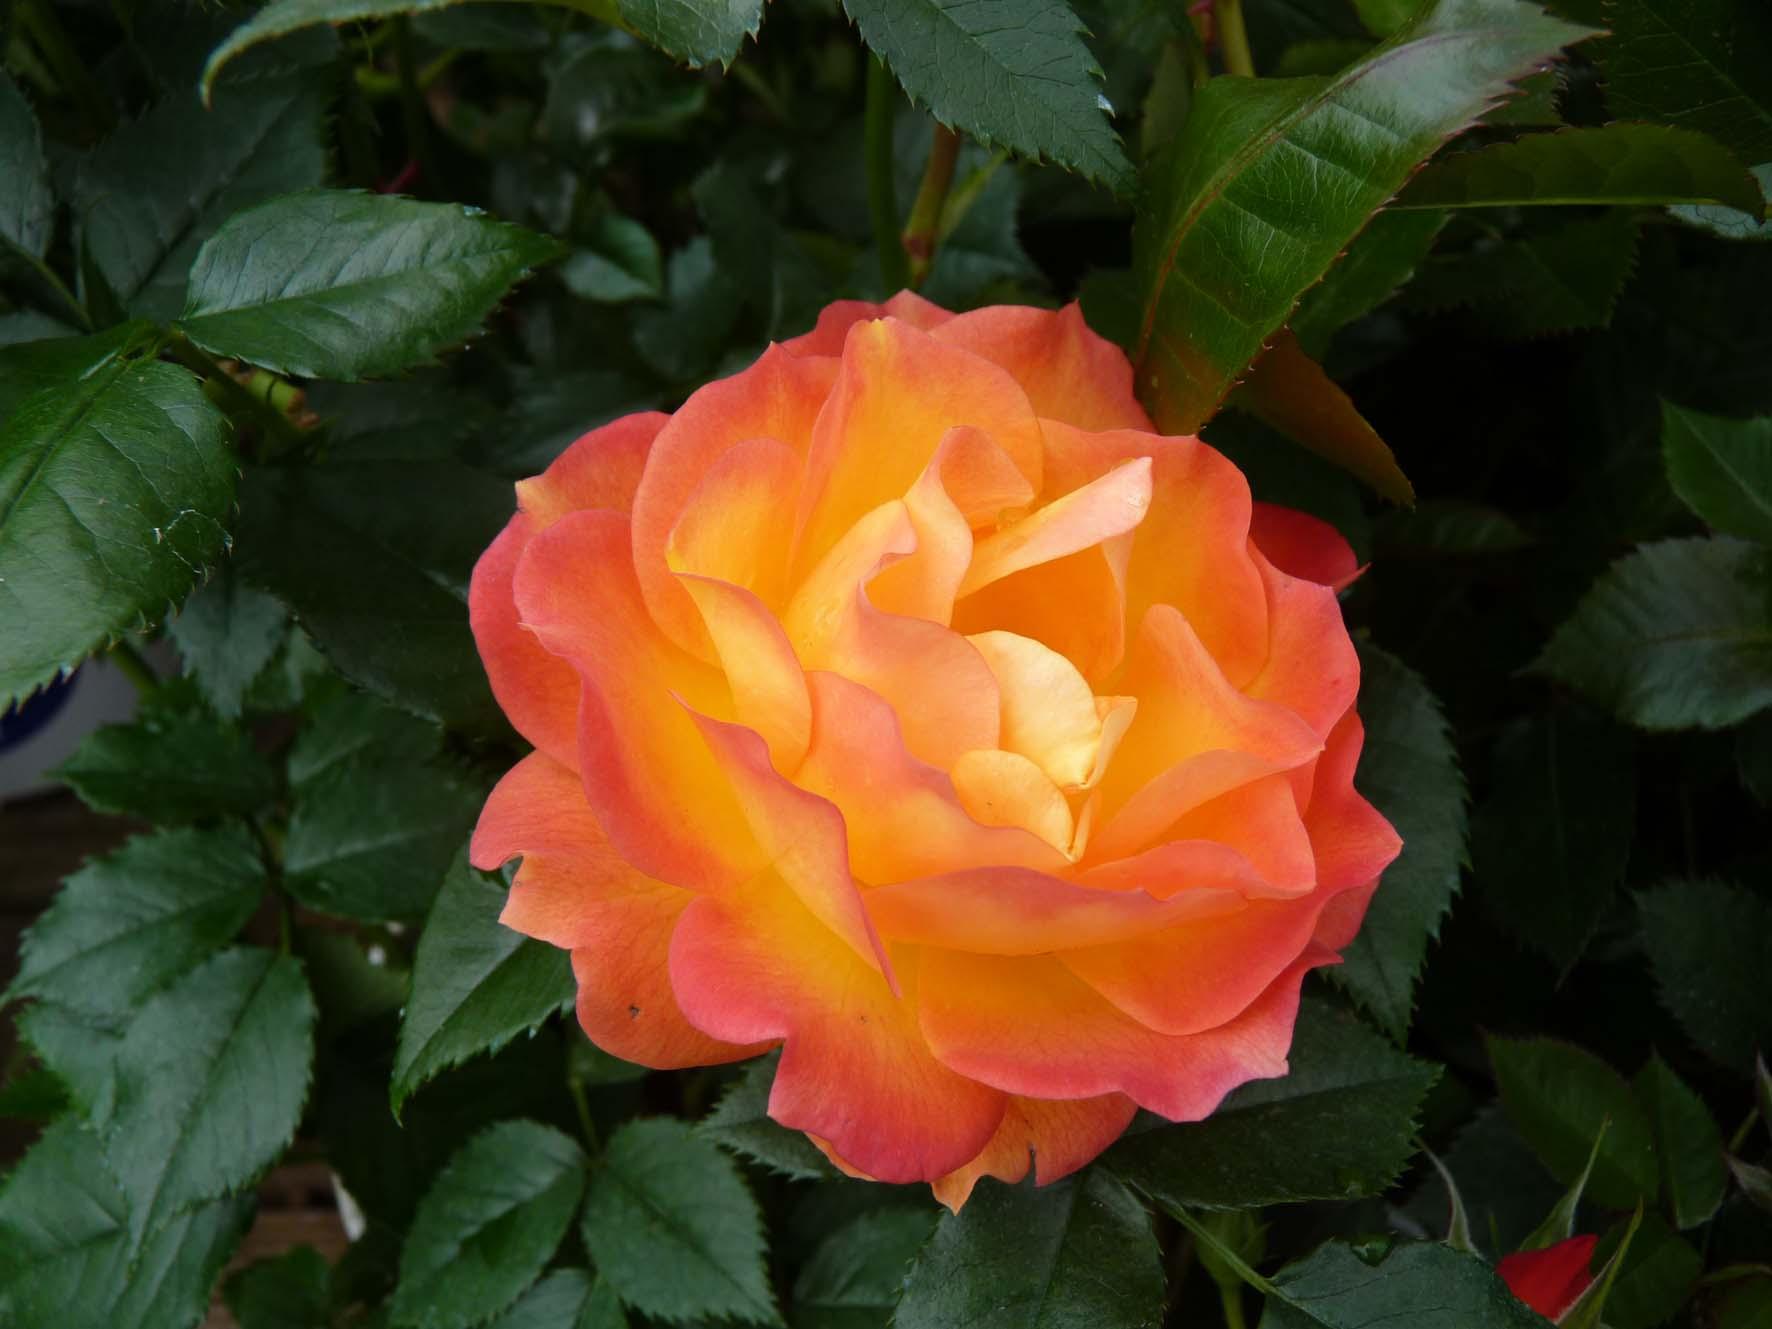 rosiers - fleur de rosier